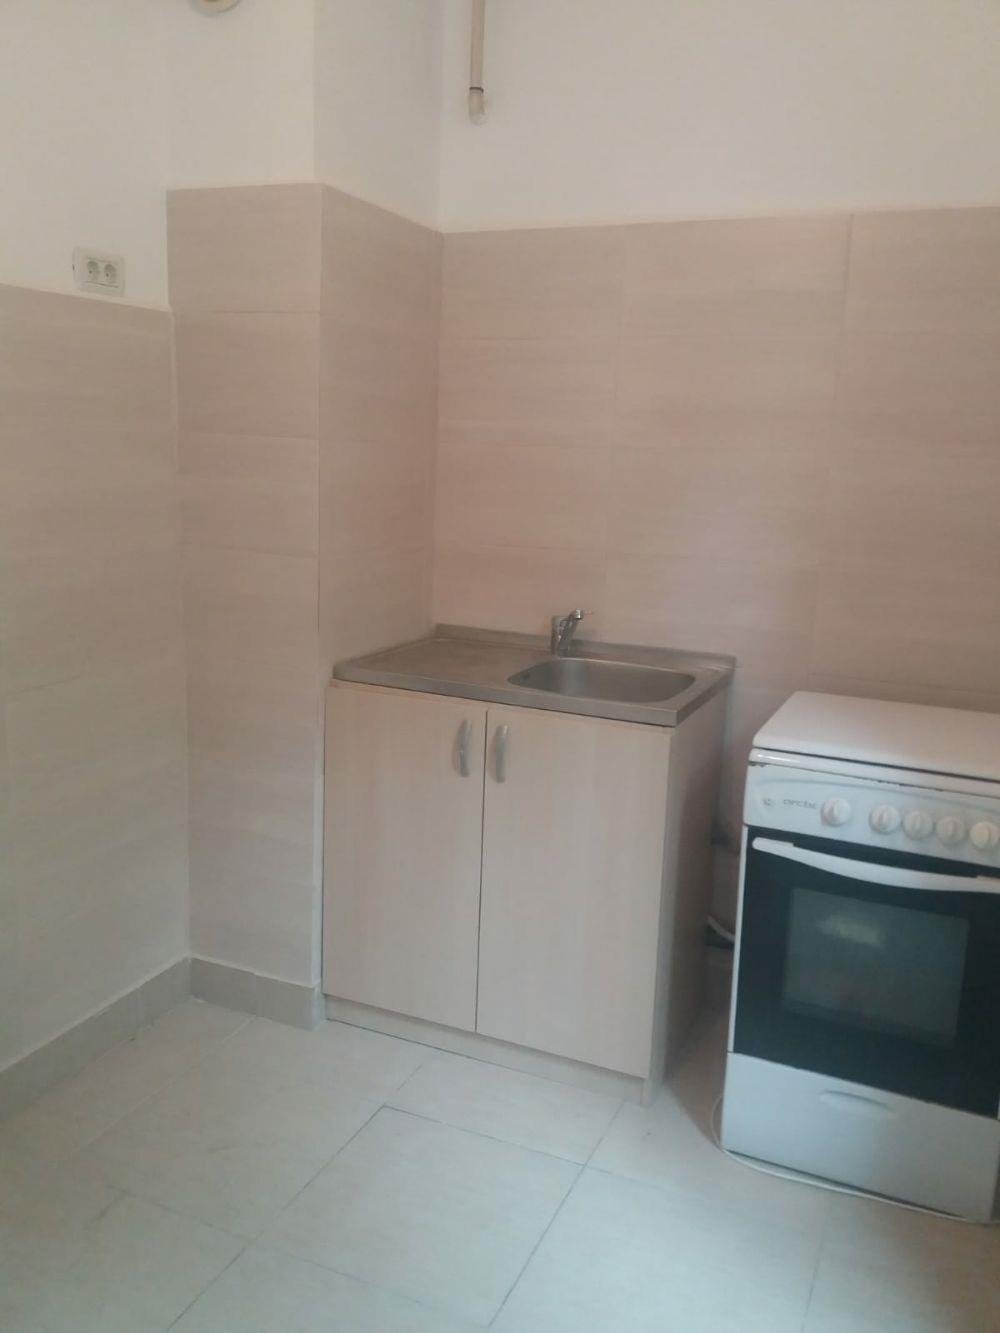 Proprietar vand apartament central 2 camere bloc de caramida et 2 - imagine 8